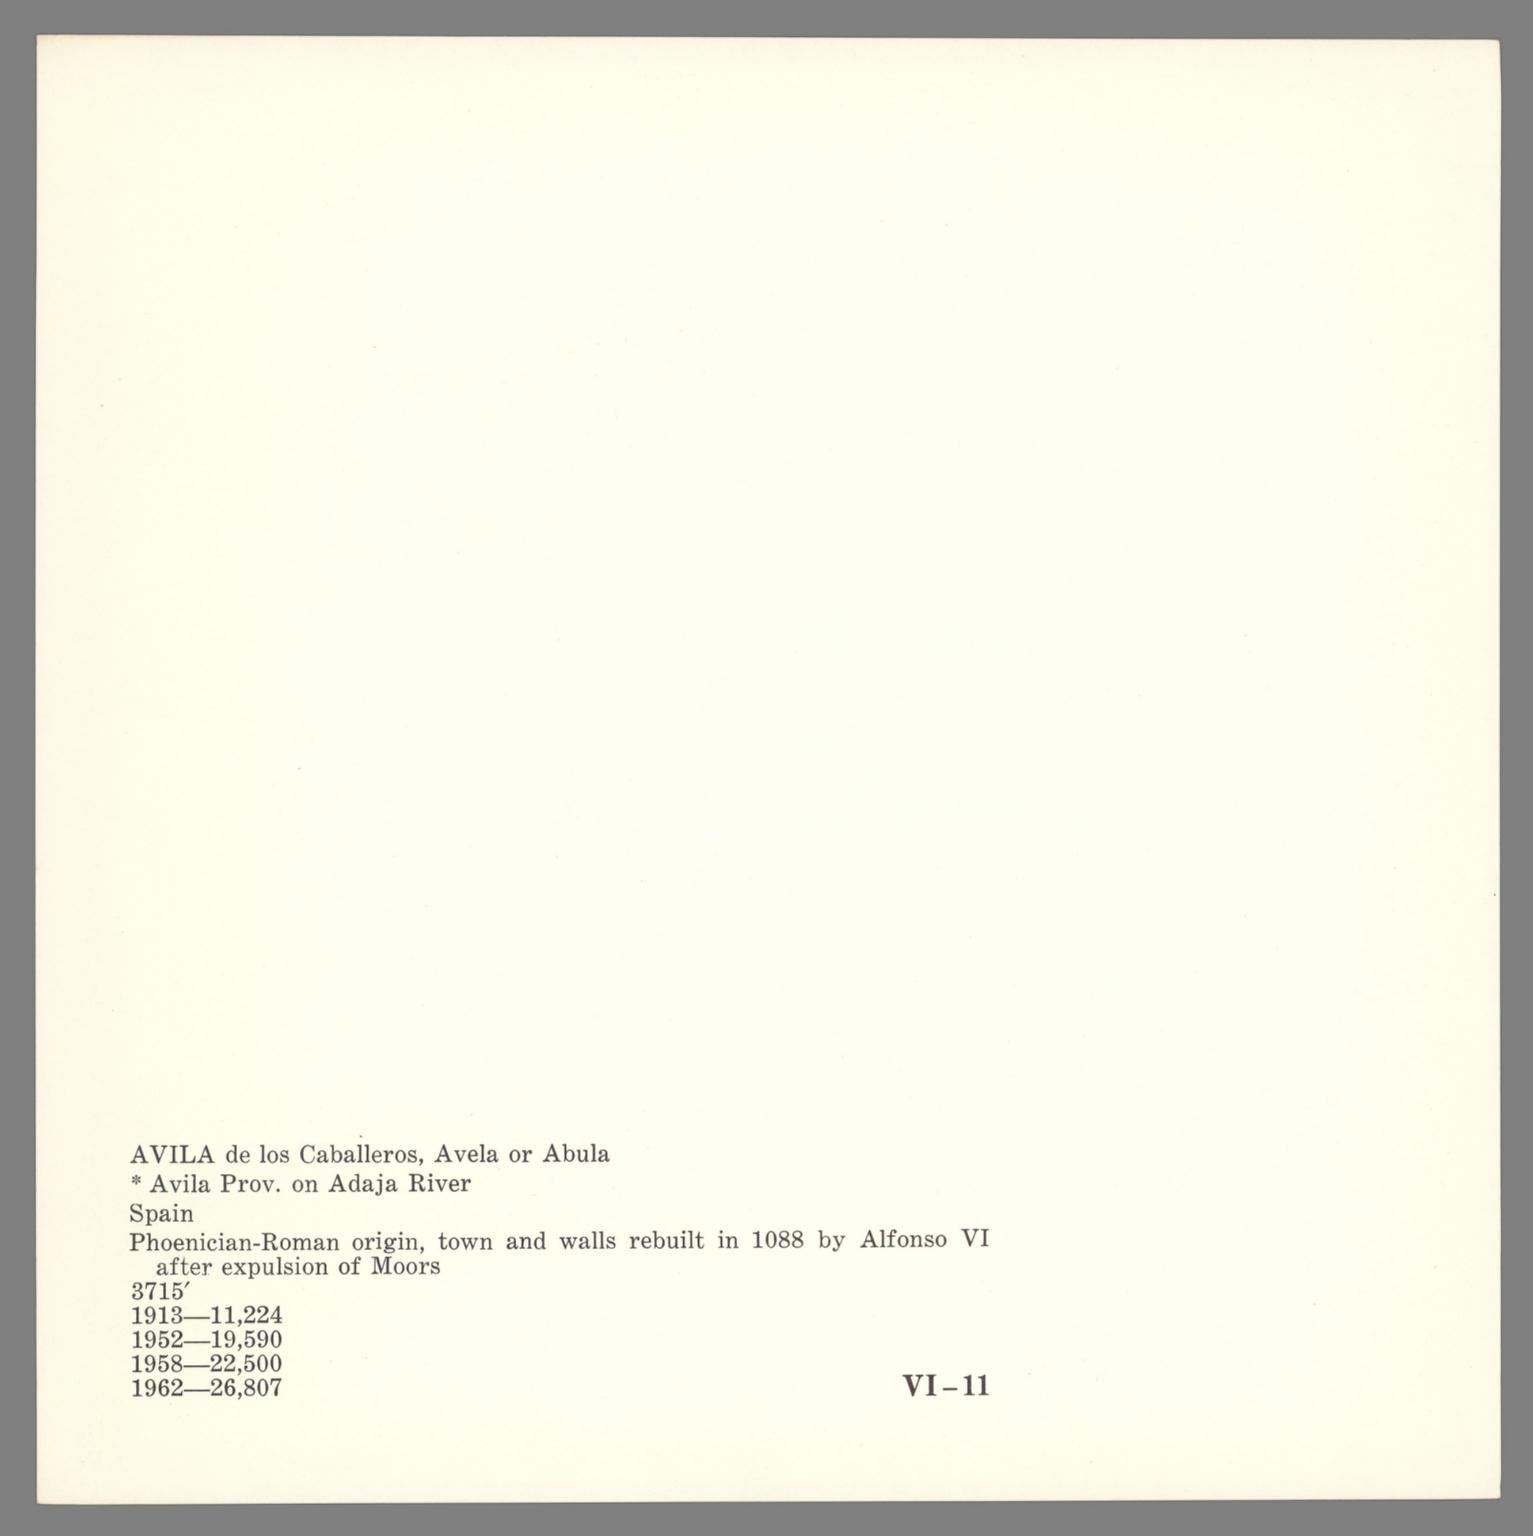 Covers: VI. Avila. 11.